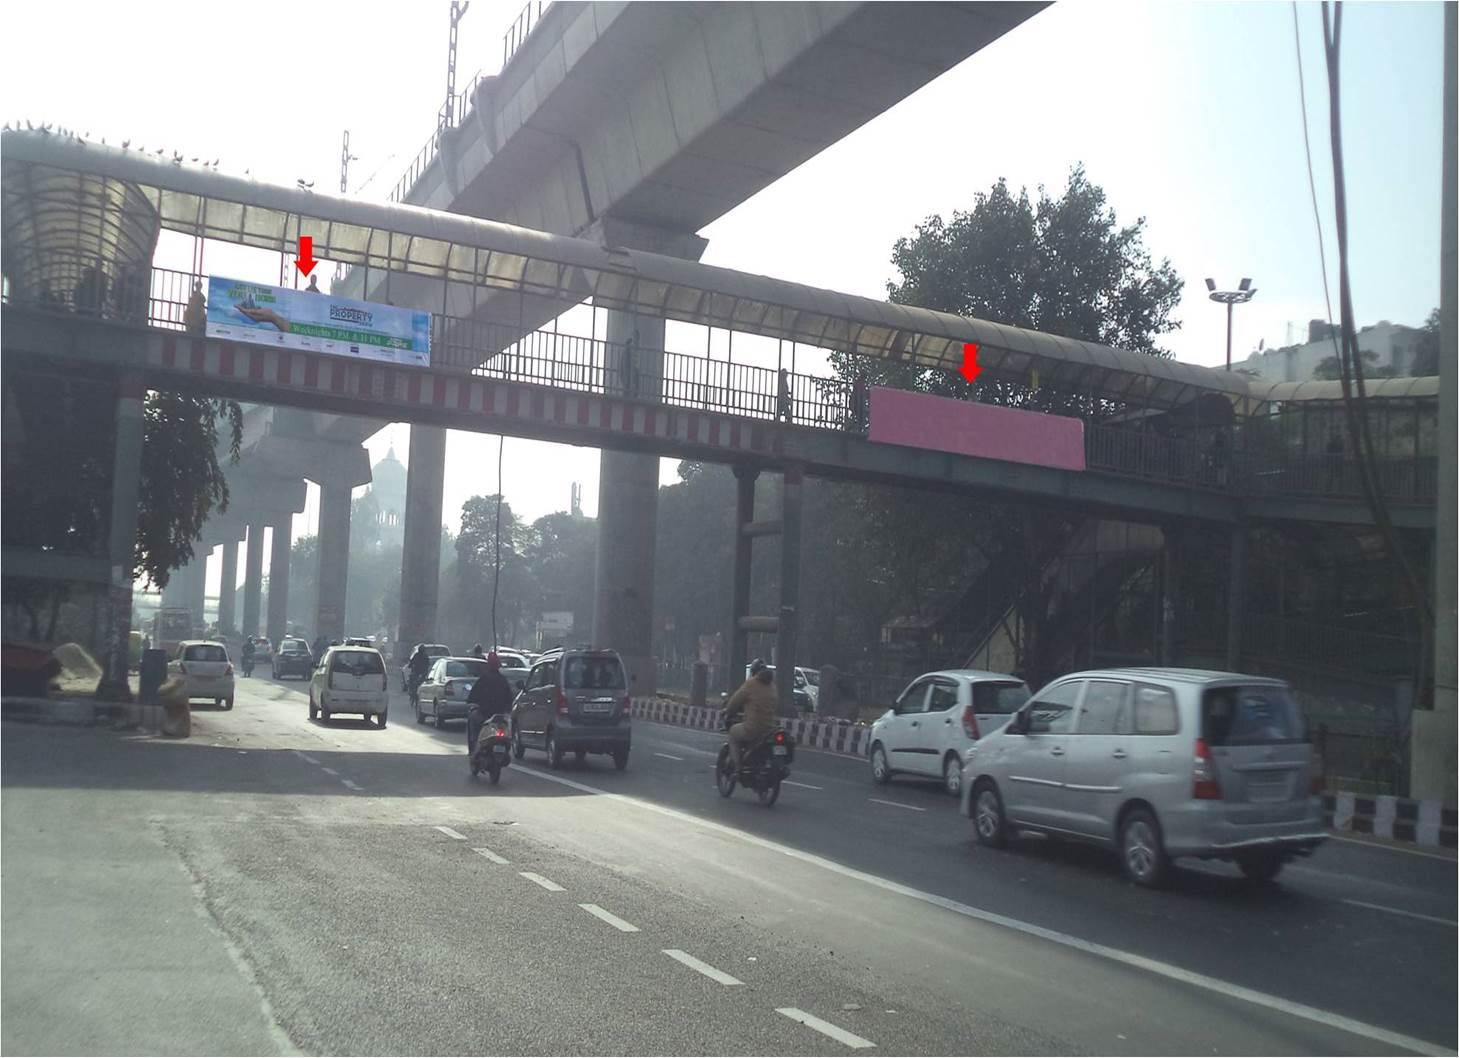 Near Gurudwara, New Delhi